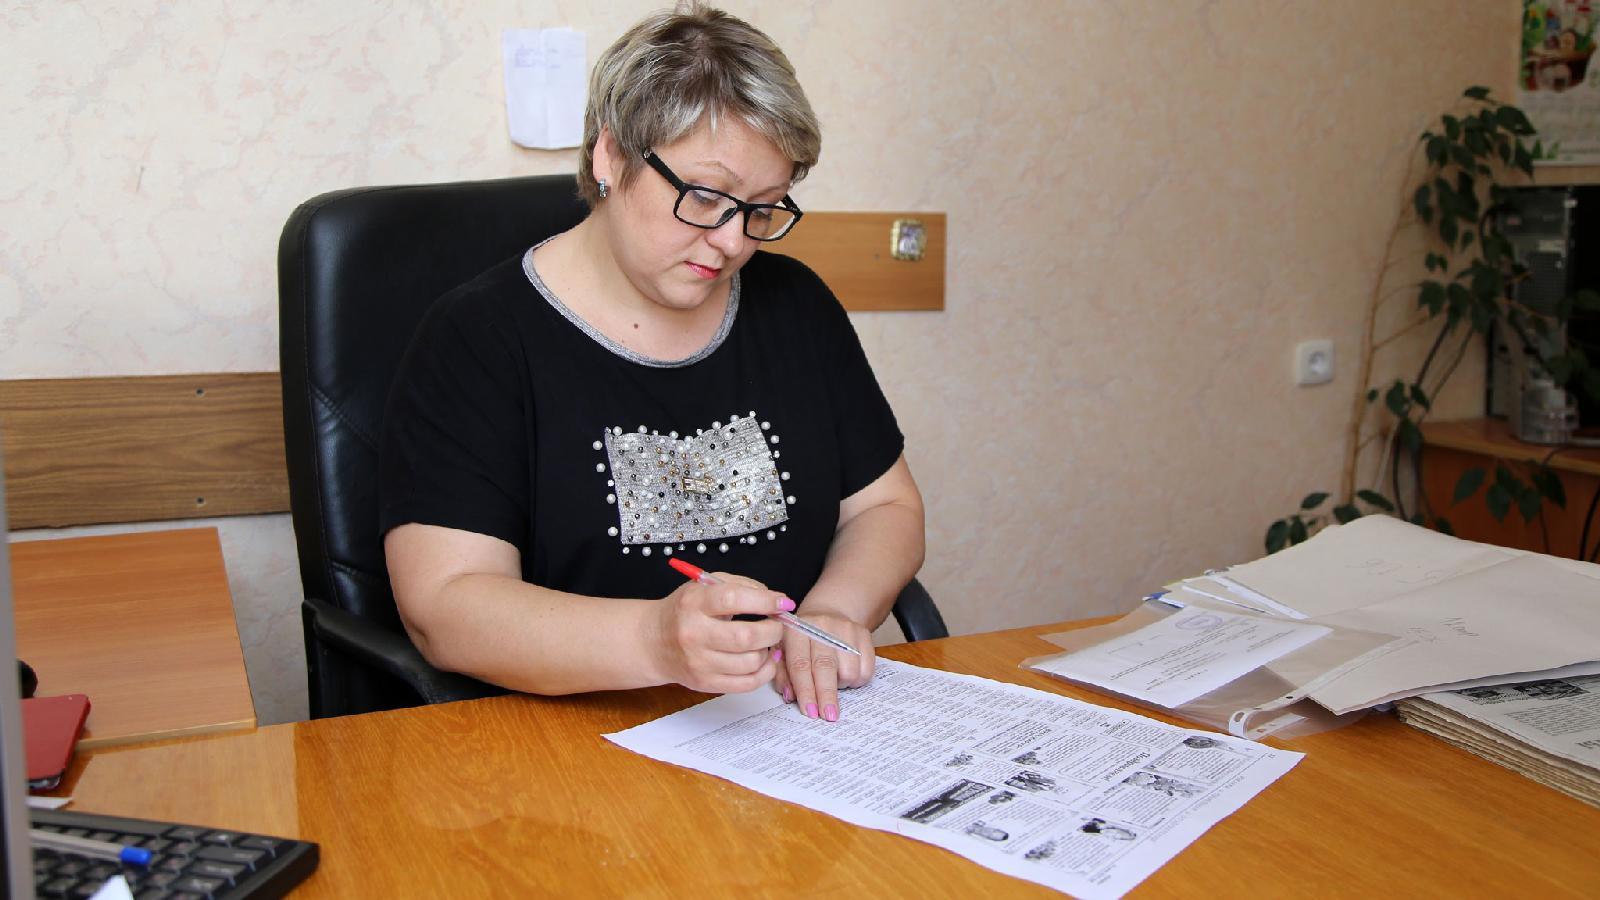 Последний взгляд: корректор Алена Бондаренко тщательно вычитывает тексты ивмакетах